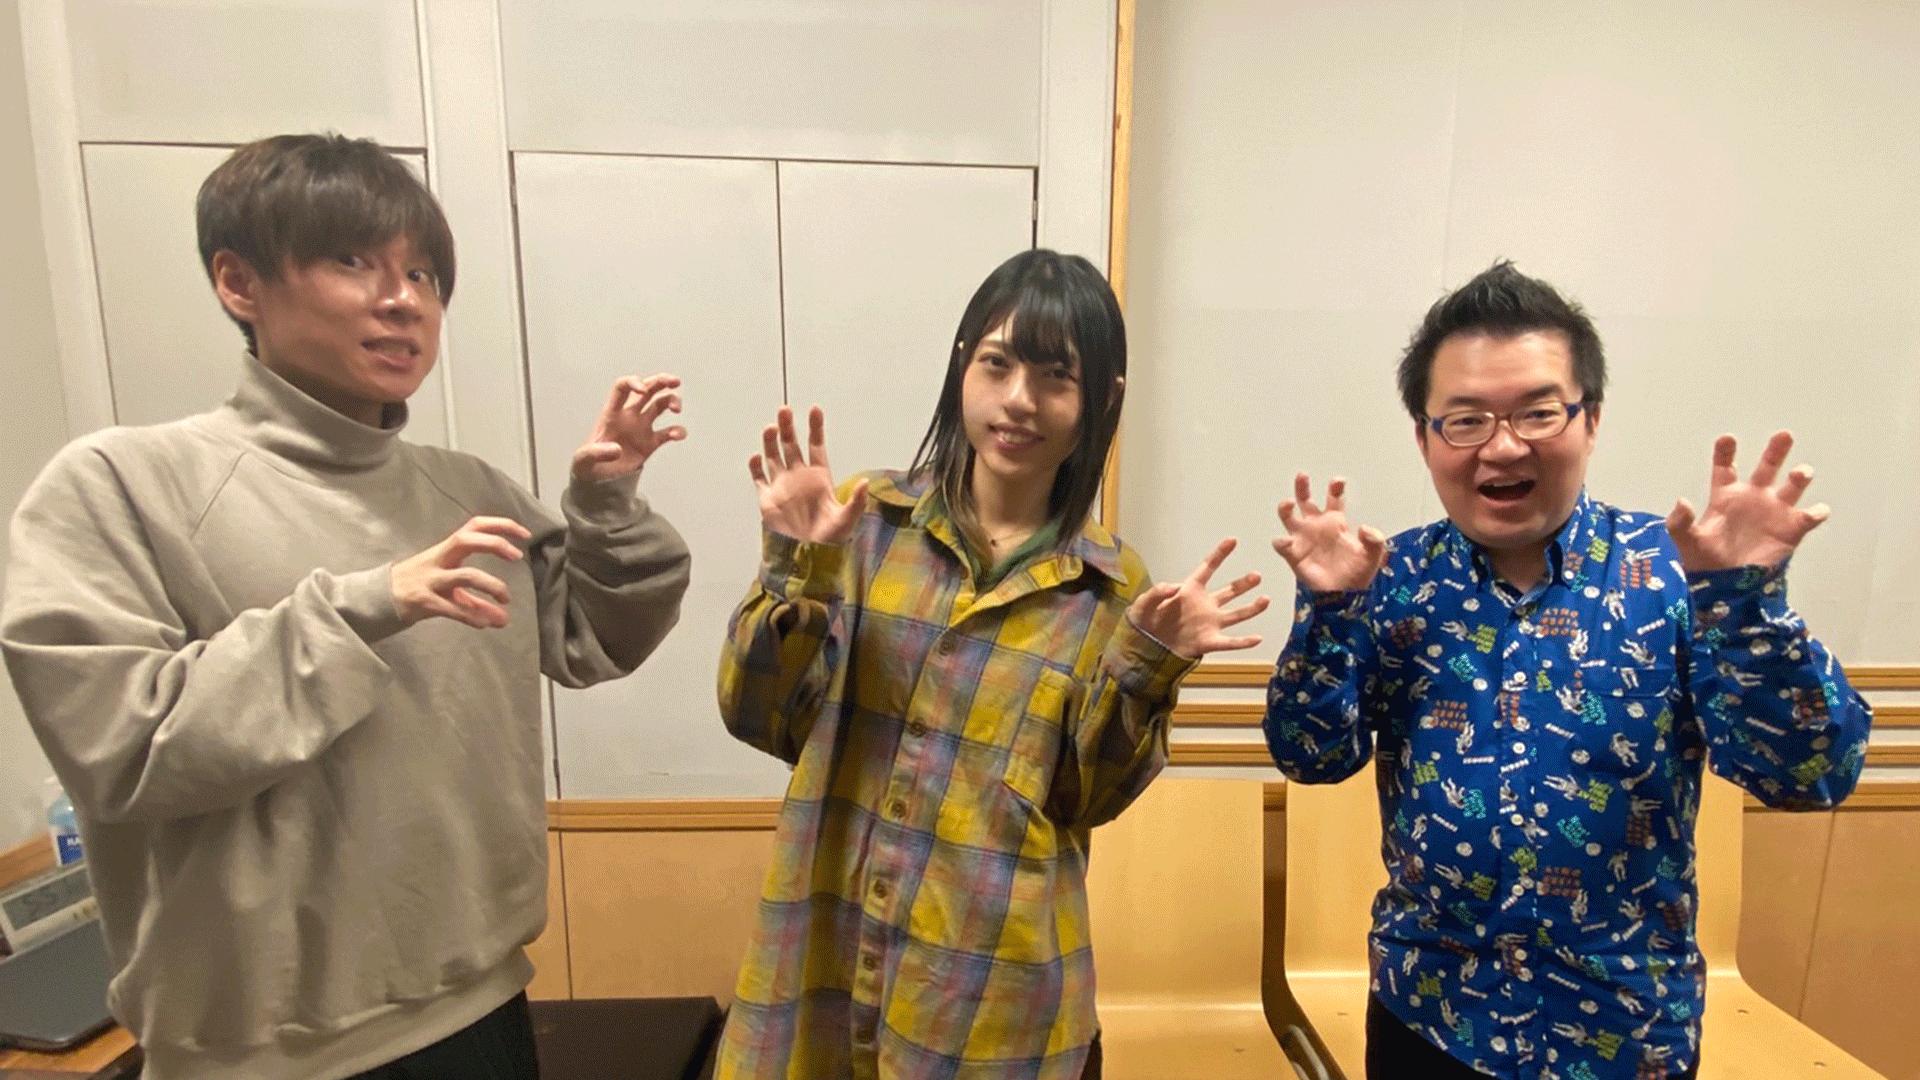 元アシスタントパーソナリティ「金子有希」さんが約1年ぶりの登場!『光る猫爪』についに進展情報が!?